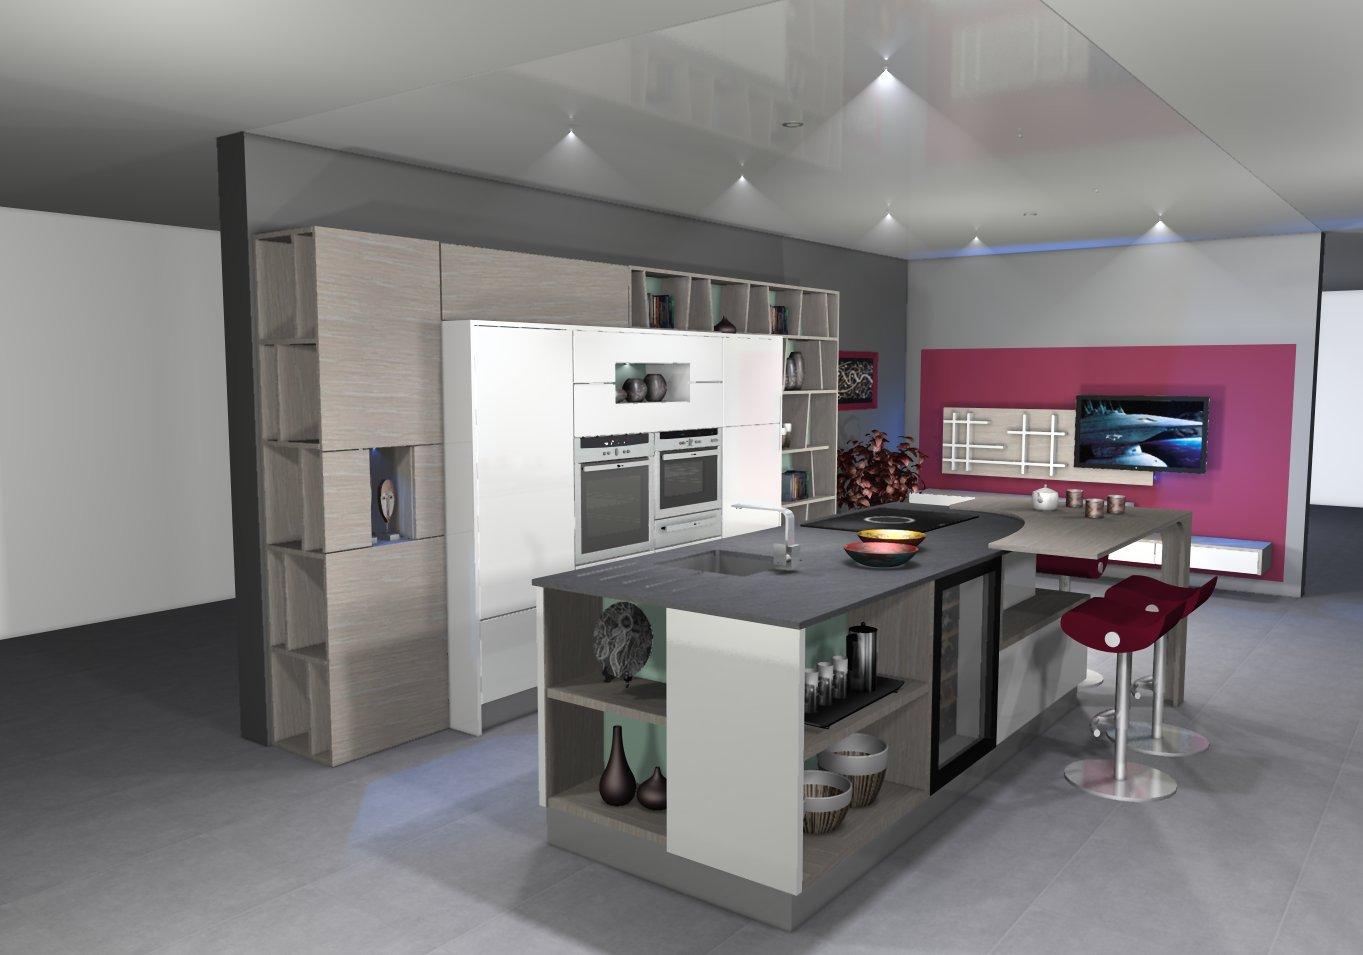 cuisine am ricaine sur mesure faites appel un professionnel. Black Bedroom Furniture Sets. Home Design Ideas